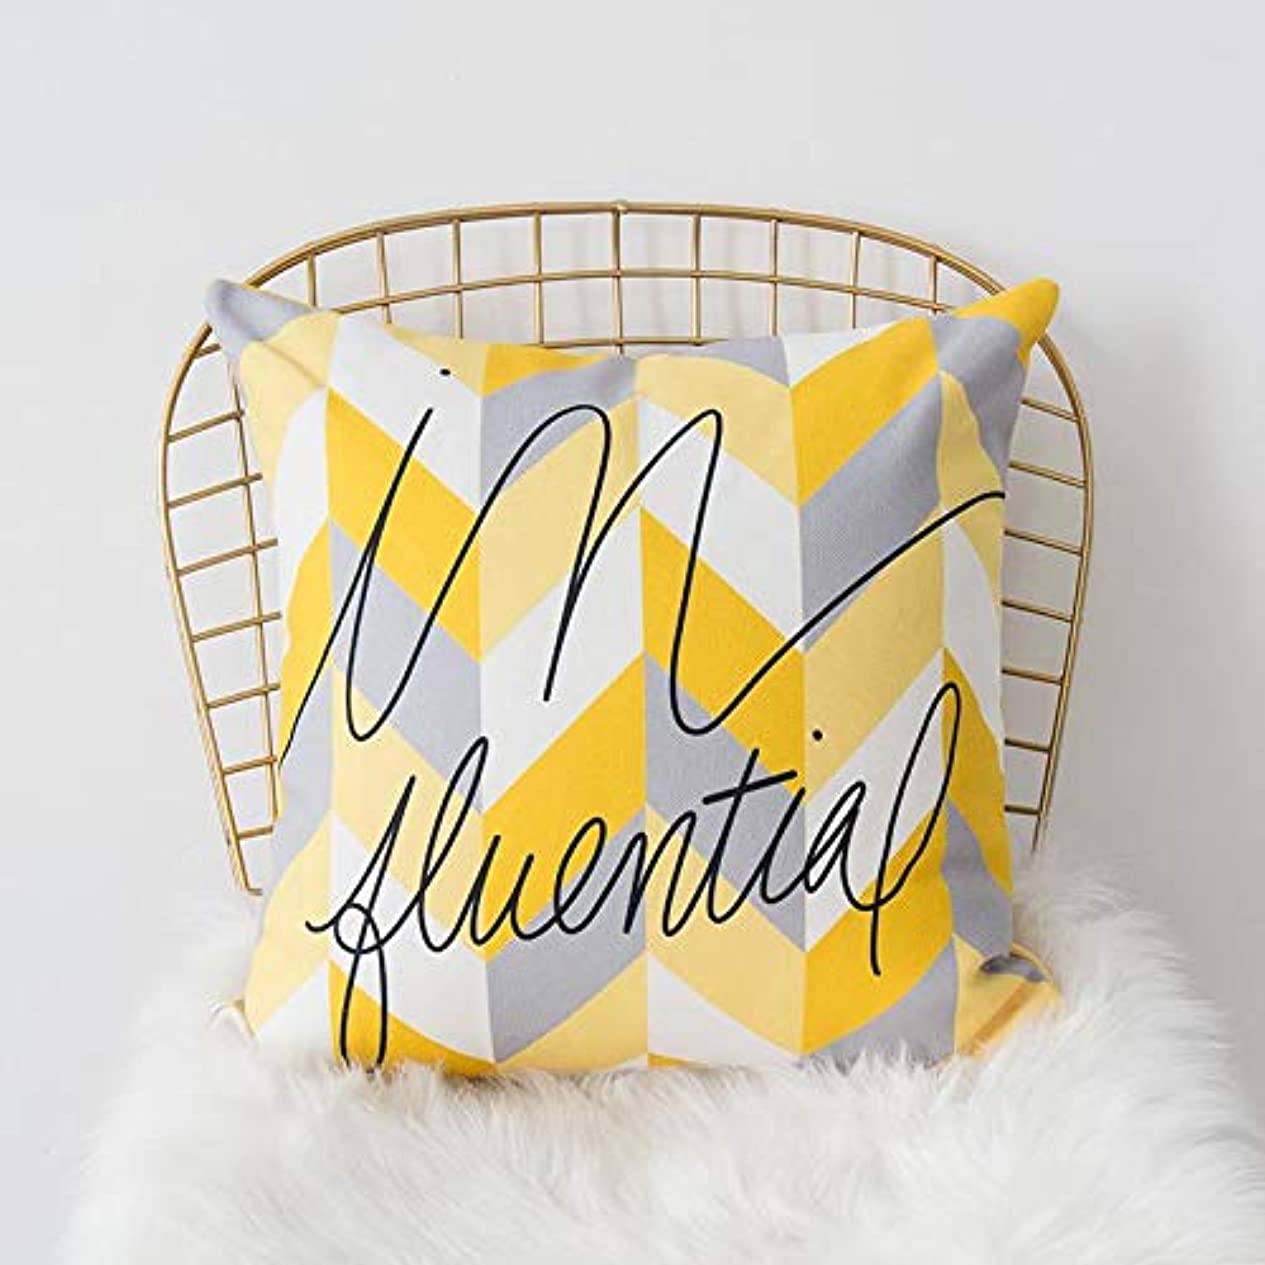 陸軍あそこ軽減LIFE 黄色グレー枕北欧スタイル黄色ヘラジカ幾何枕リビングルームのインテリアソファクッション Cojines 装飾良質 クッション 椅子